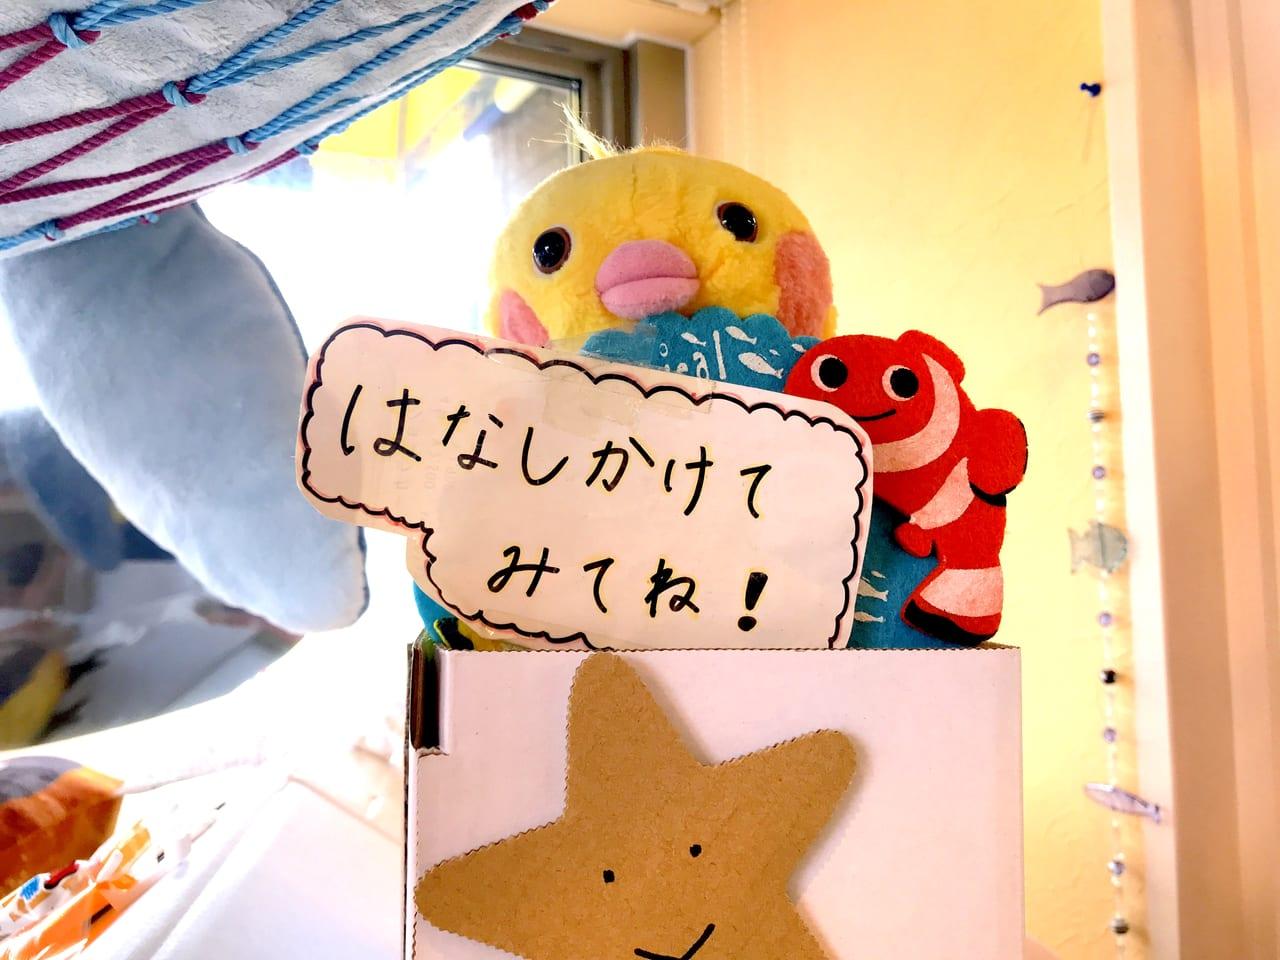 くじらじまの店内にある話す鳥フィギュア